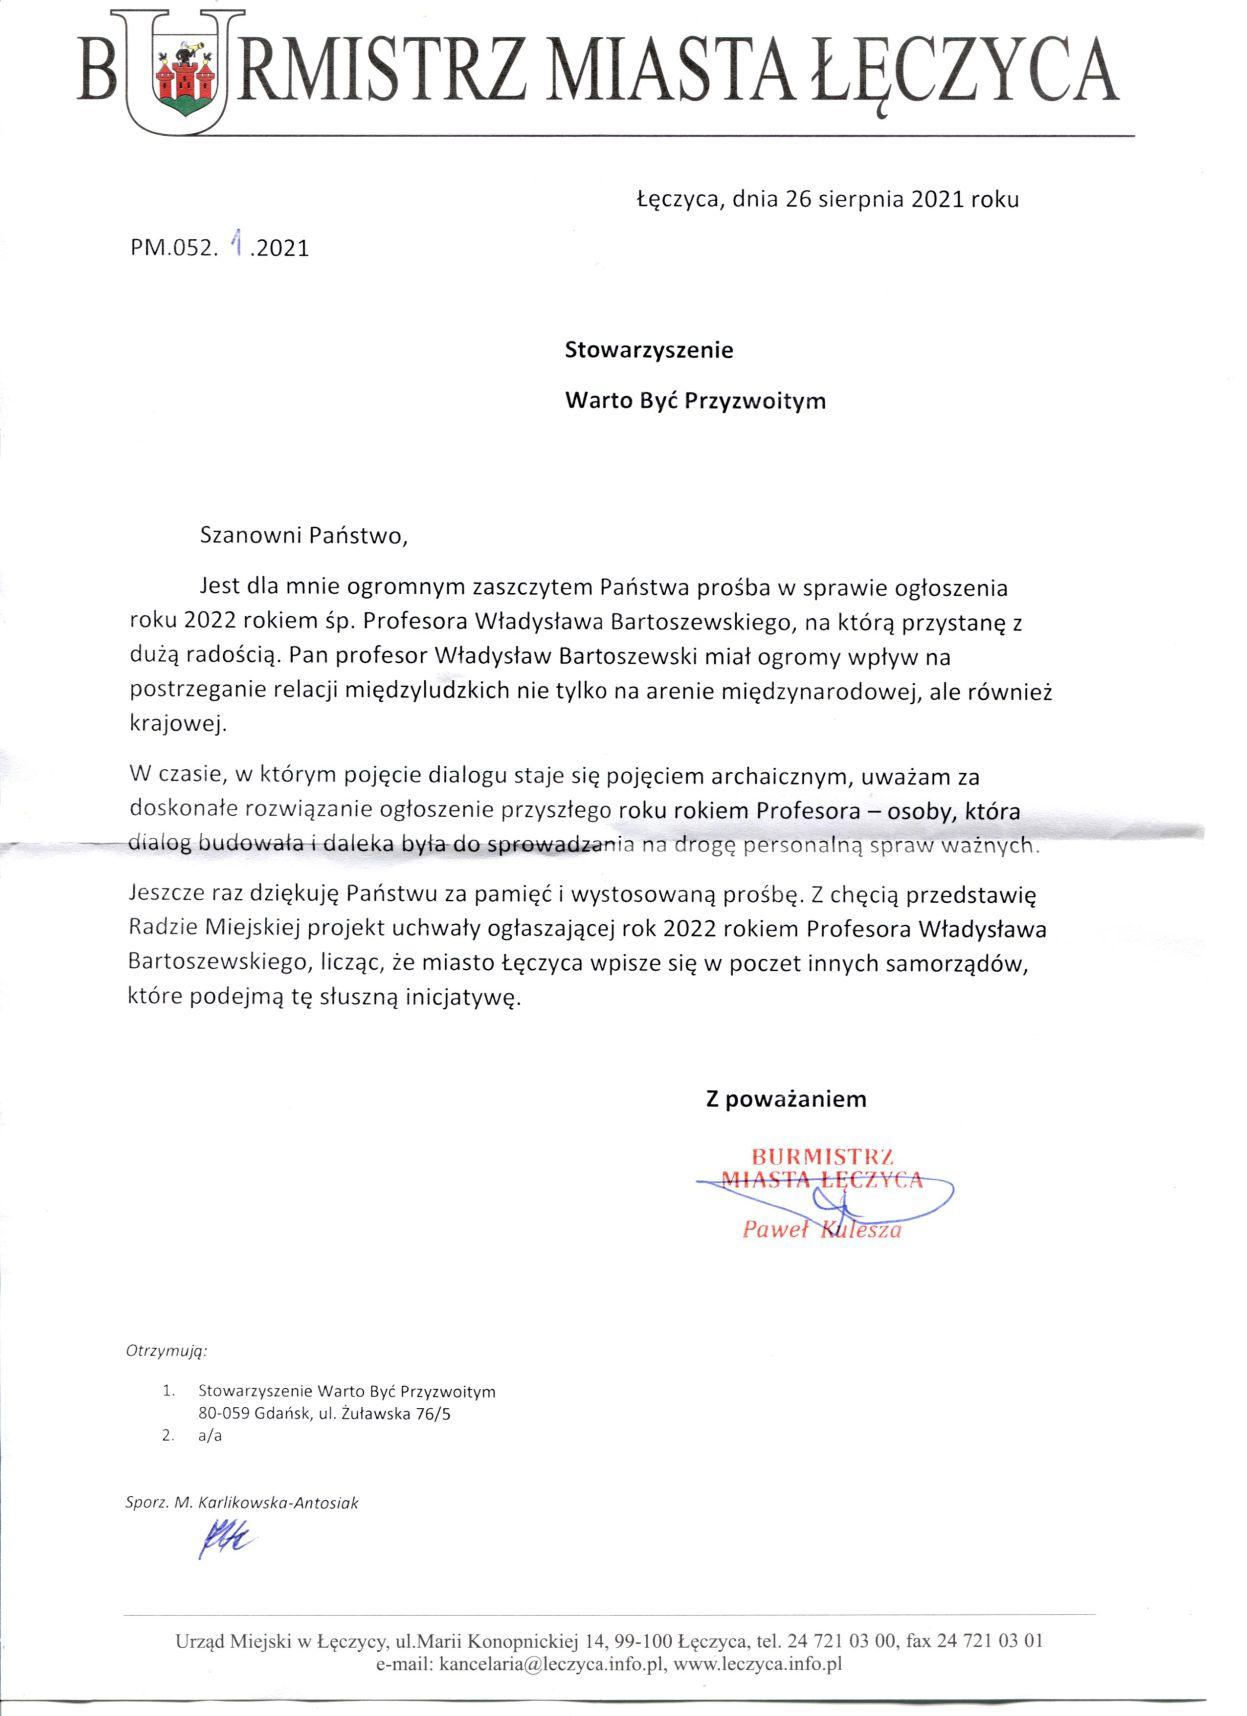 Pisma-otrzymane-31-sierpnia-2021-Leczyca